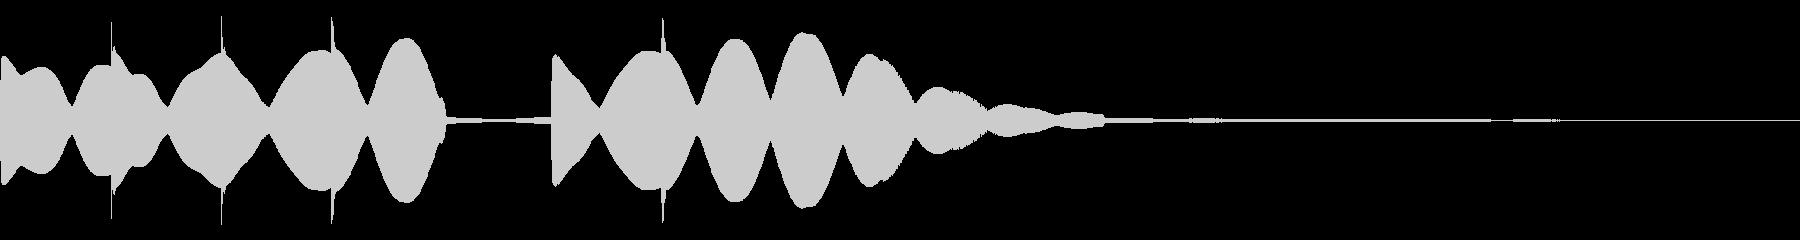 シンセでキラキラのシンプルファンファーレの未再生の波形